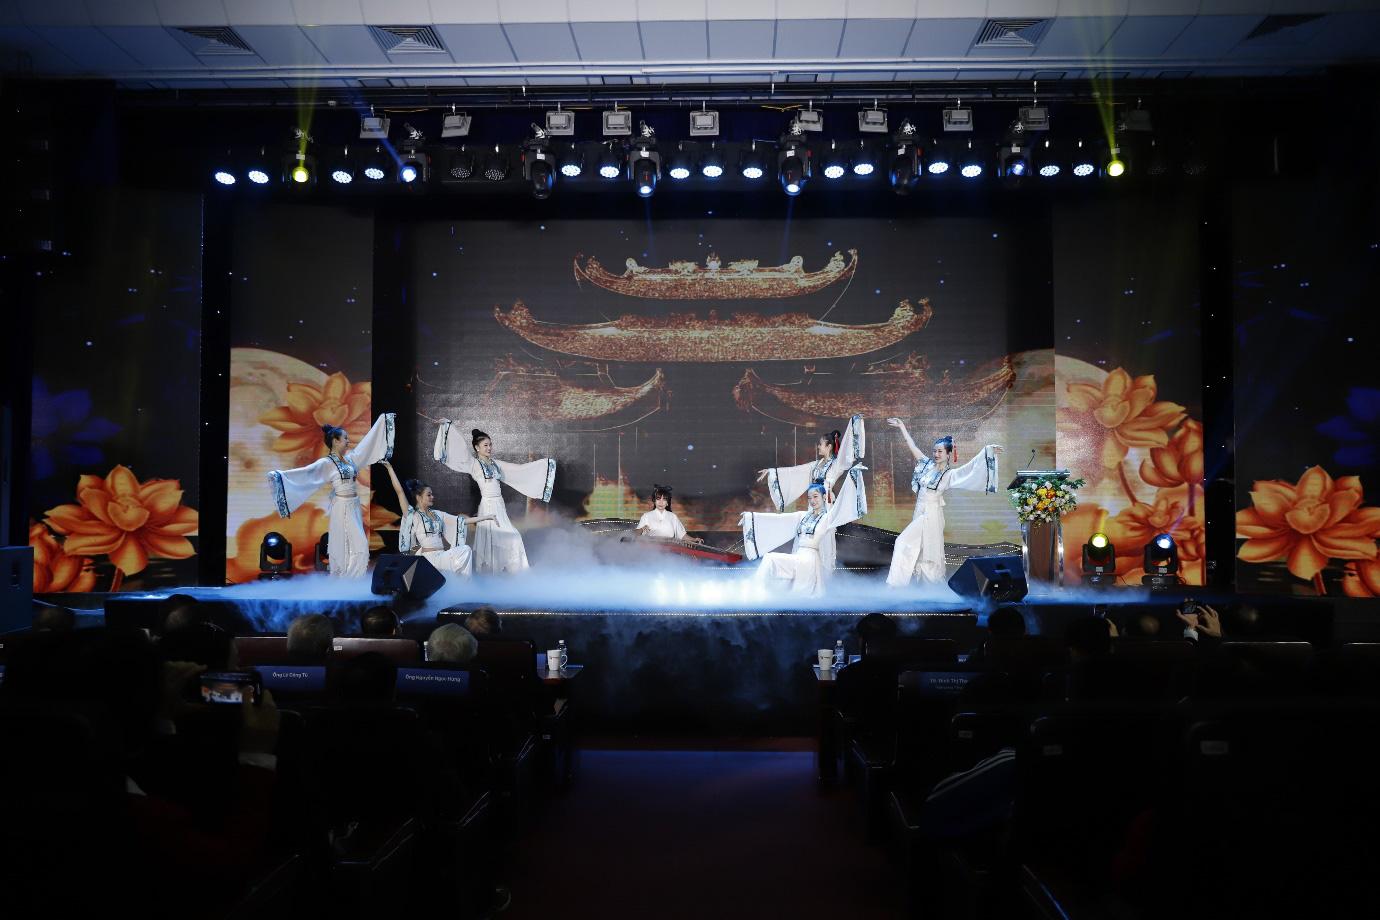 Hàng trăm học sinh, sinh viên tham dự lễ ra mắt thương hiệu sách Bác Nhã và giáo trình Hán Ngữ Msutong - Ảnh 1.